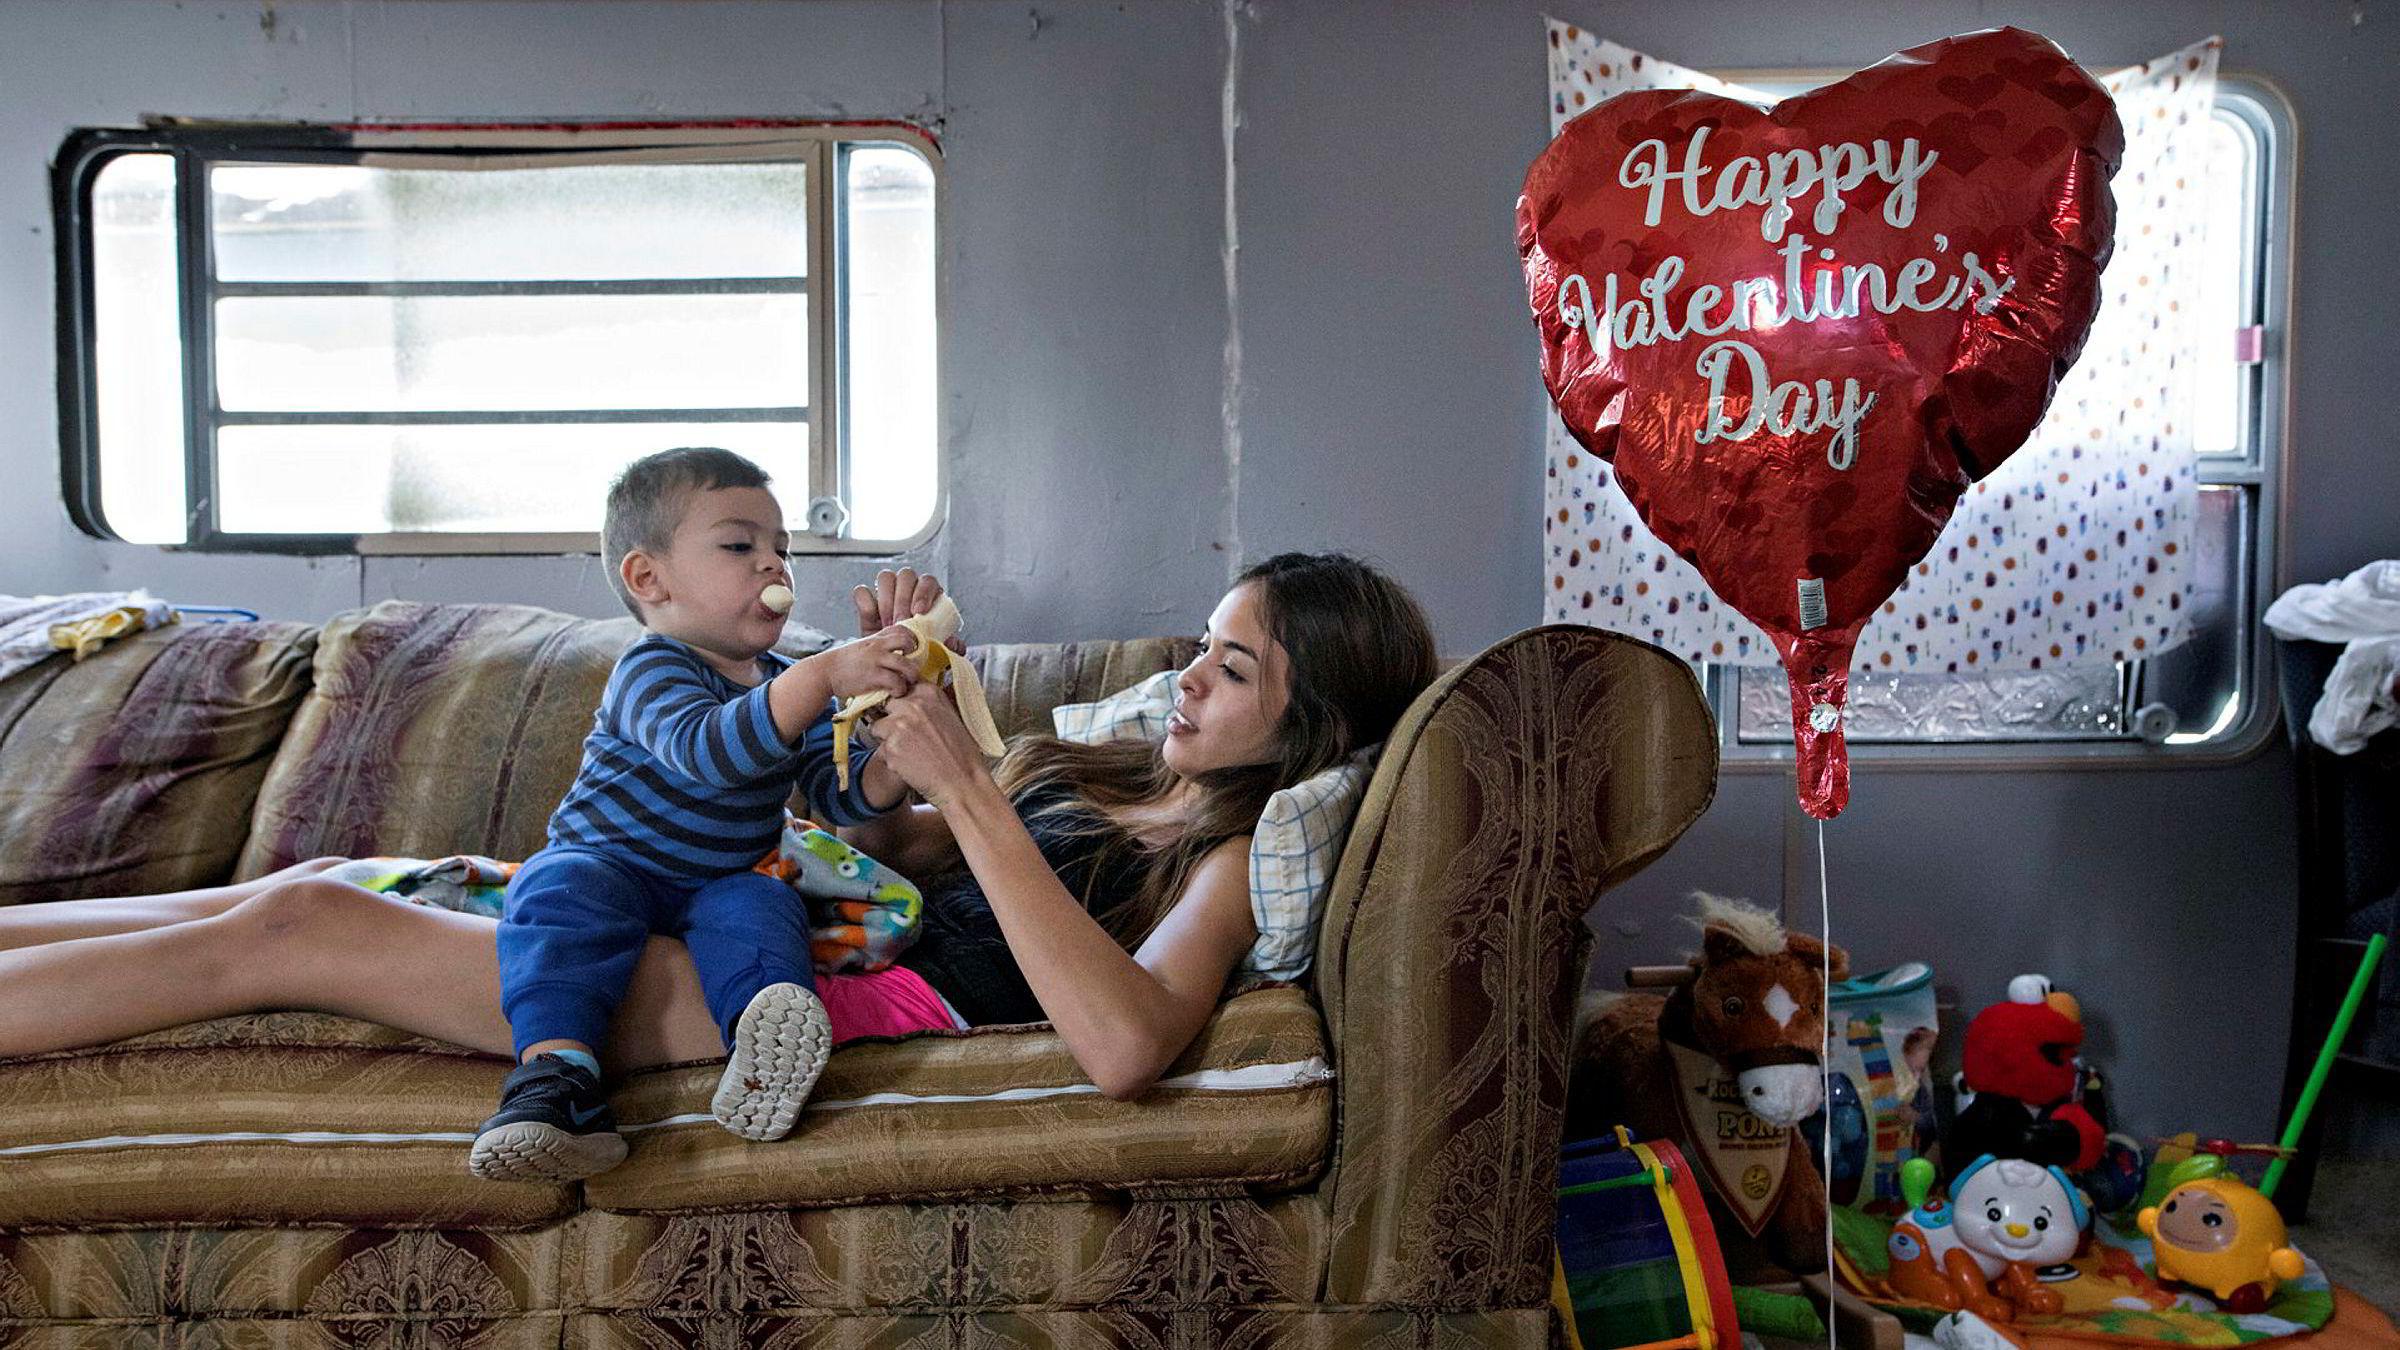 Melissa Colin (21) ble alenemor kort tid etter at sønnen Tyler (18 måneder) ble født. Hun tar nå høyere utdannelse og håper hun og sønnen om noen år kan flytte fra Brownsville, som flere ganger er blitt pekt ut som USAs fattigste by. – Utdannelse er billetten min ut av fattigdom, sier hun.